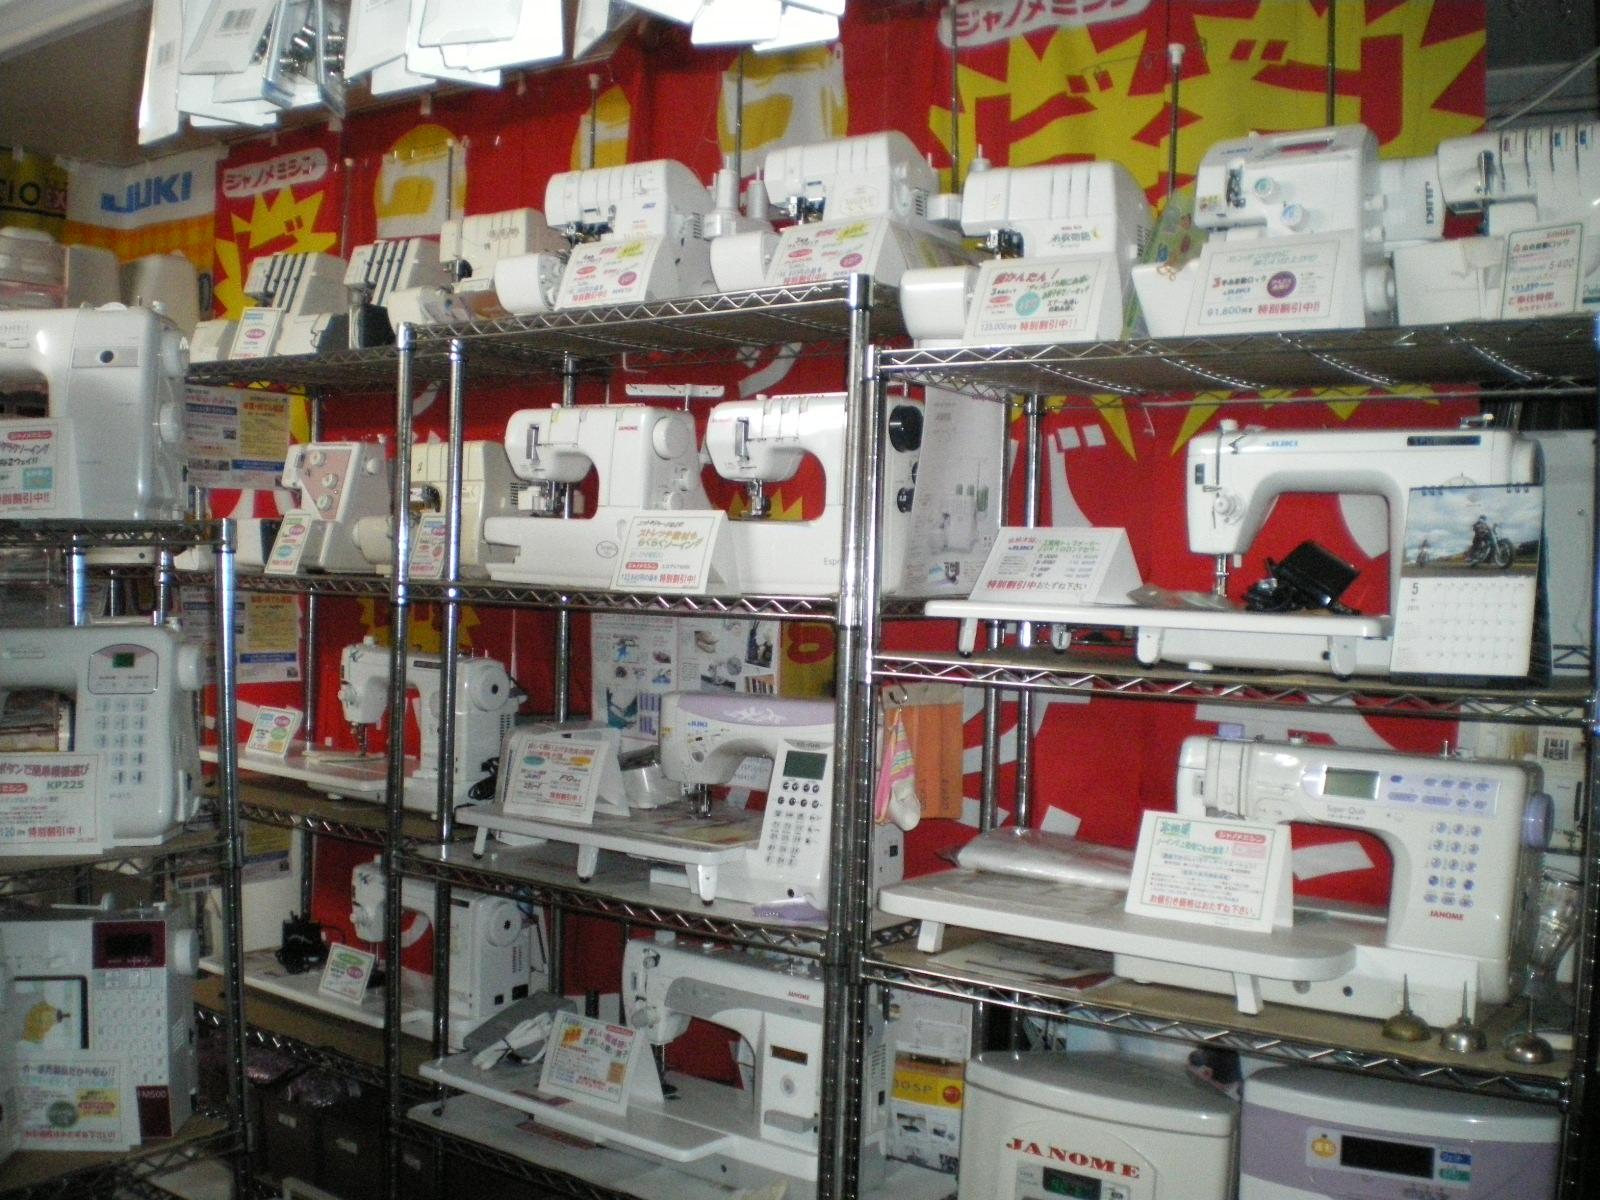 ジャノメミシン江別店:ミシン販売・修理 北海道